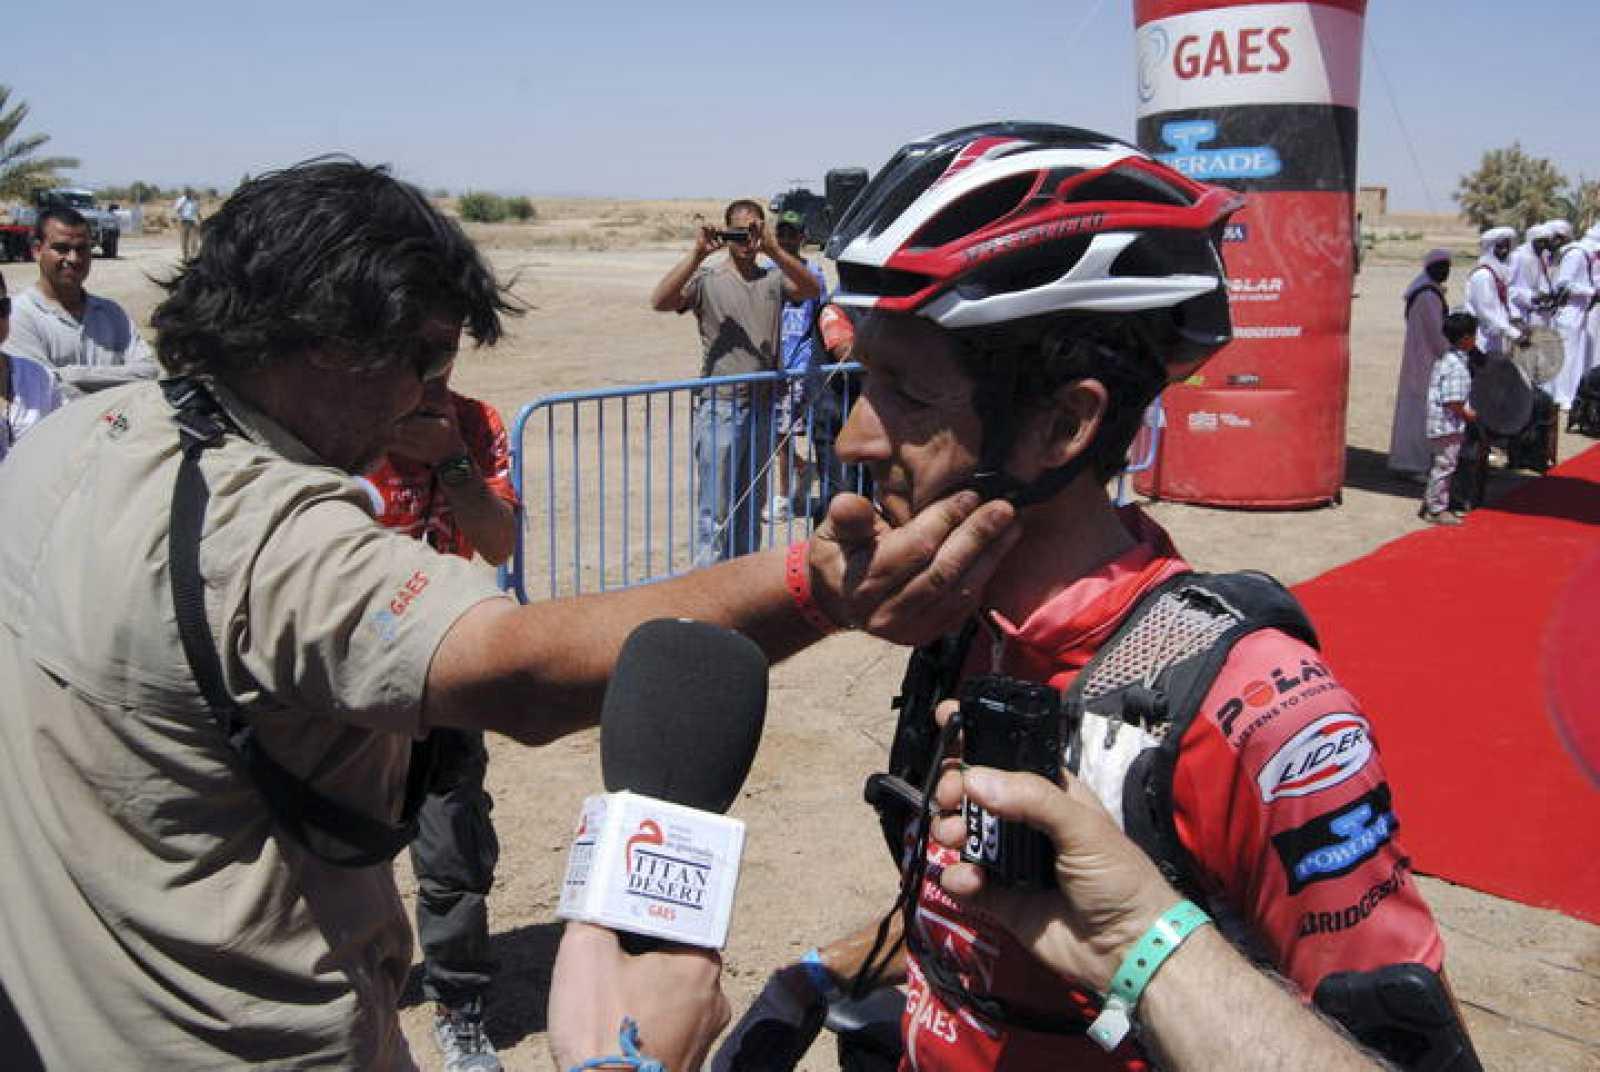 El ciclista Roberto Heras (Gaes1), recibe la felicitación del director general de la prueba Félix Dot